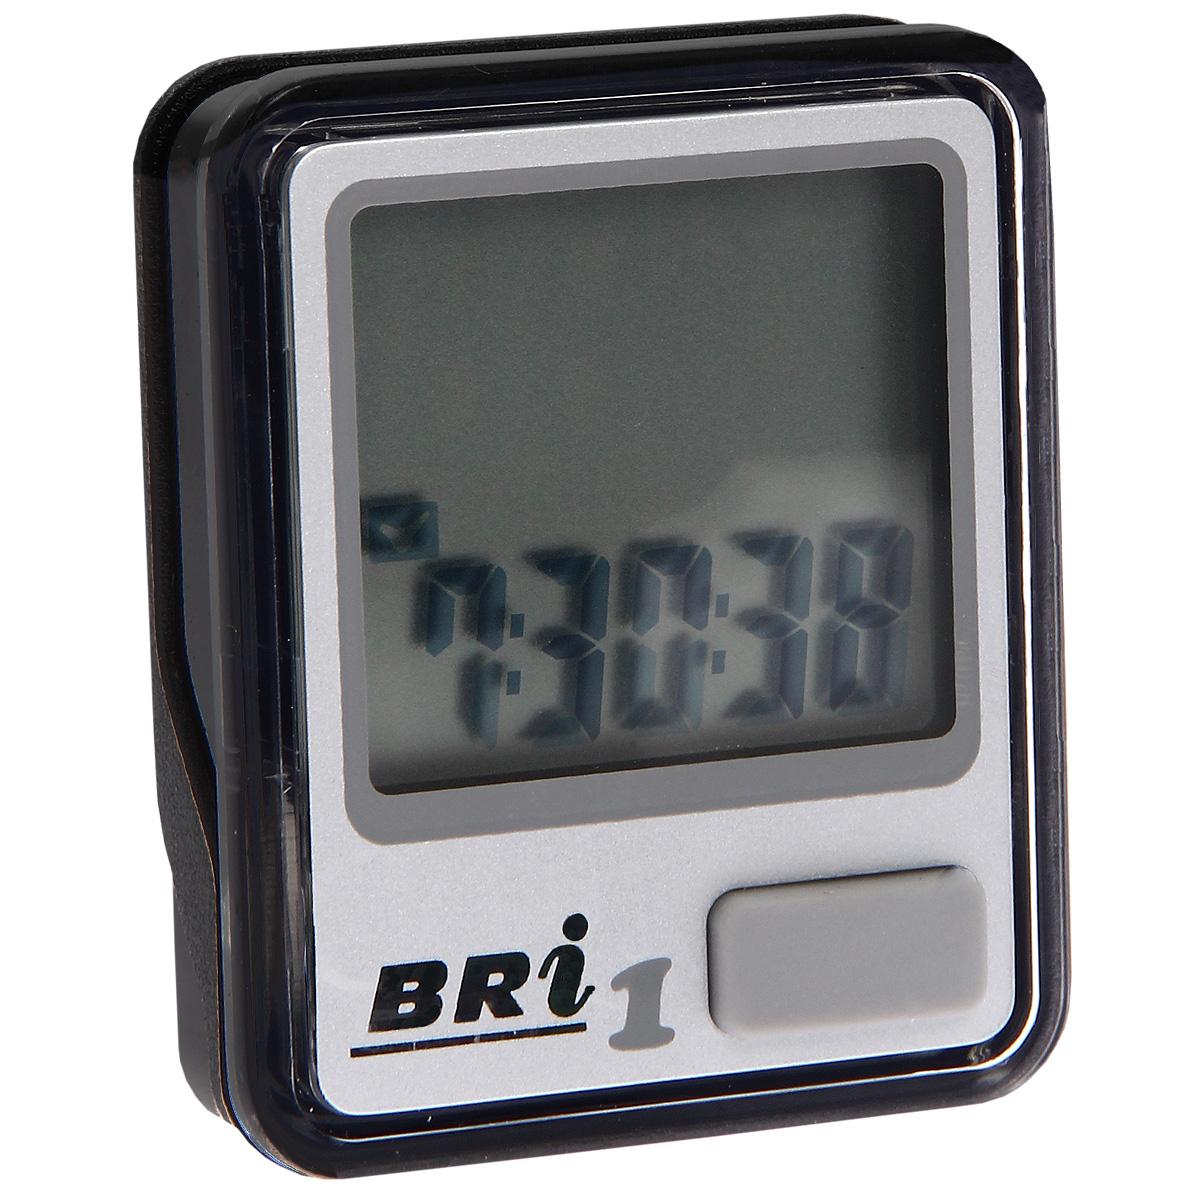 Велокомпьютер BRi-1, 5 функций, цвет: серебряный30238Велокомпьютер BRi-1 - это удобный и простой в использовании электронный прибор, предоставляющий велосипедисту всю необходимую информацию о поездке. Велокомпьютер состоит из двух частей соединенных проводом - дисплея, внешне похожего на электронные часы и датчика скорости. Дисплей крепится на руле с возможностью мгновенно отсоединить его, когда нет желания оставлять на велосипеде без присмотра или под дождем. Магнитный датчик скорости (геркон) крепится рядом с колесом. Принцип работы велокомпьютера довольно прост - программа за минуту настраивается на размер колеса велосипеда и начинает во время поездки считать за какое время колесо совершило полный оборот. Зная эти два параметра процессор может мгновенно высчитывать и выдавать на дисплей все требуемые параметры поездки. Характеристики: Материал: пластик, металл. Размер велокомпьютера: 3,7 см х 4,6 см х 1,5 см. Размер монитора: 2,7 см х 2,4 см. Размер упаковки: 7,2 см х...